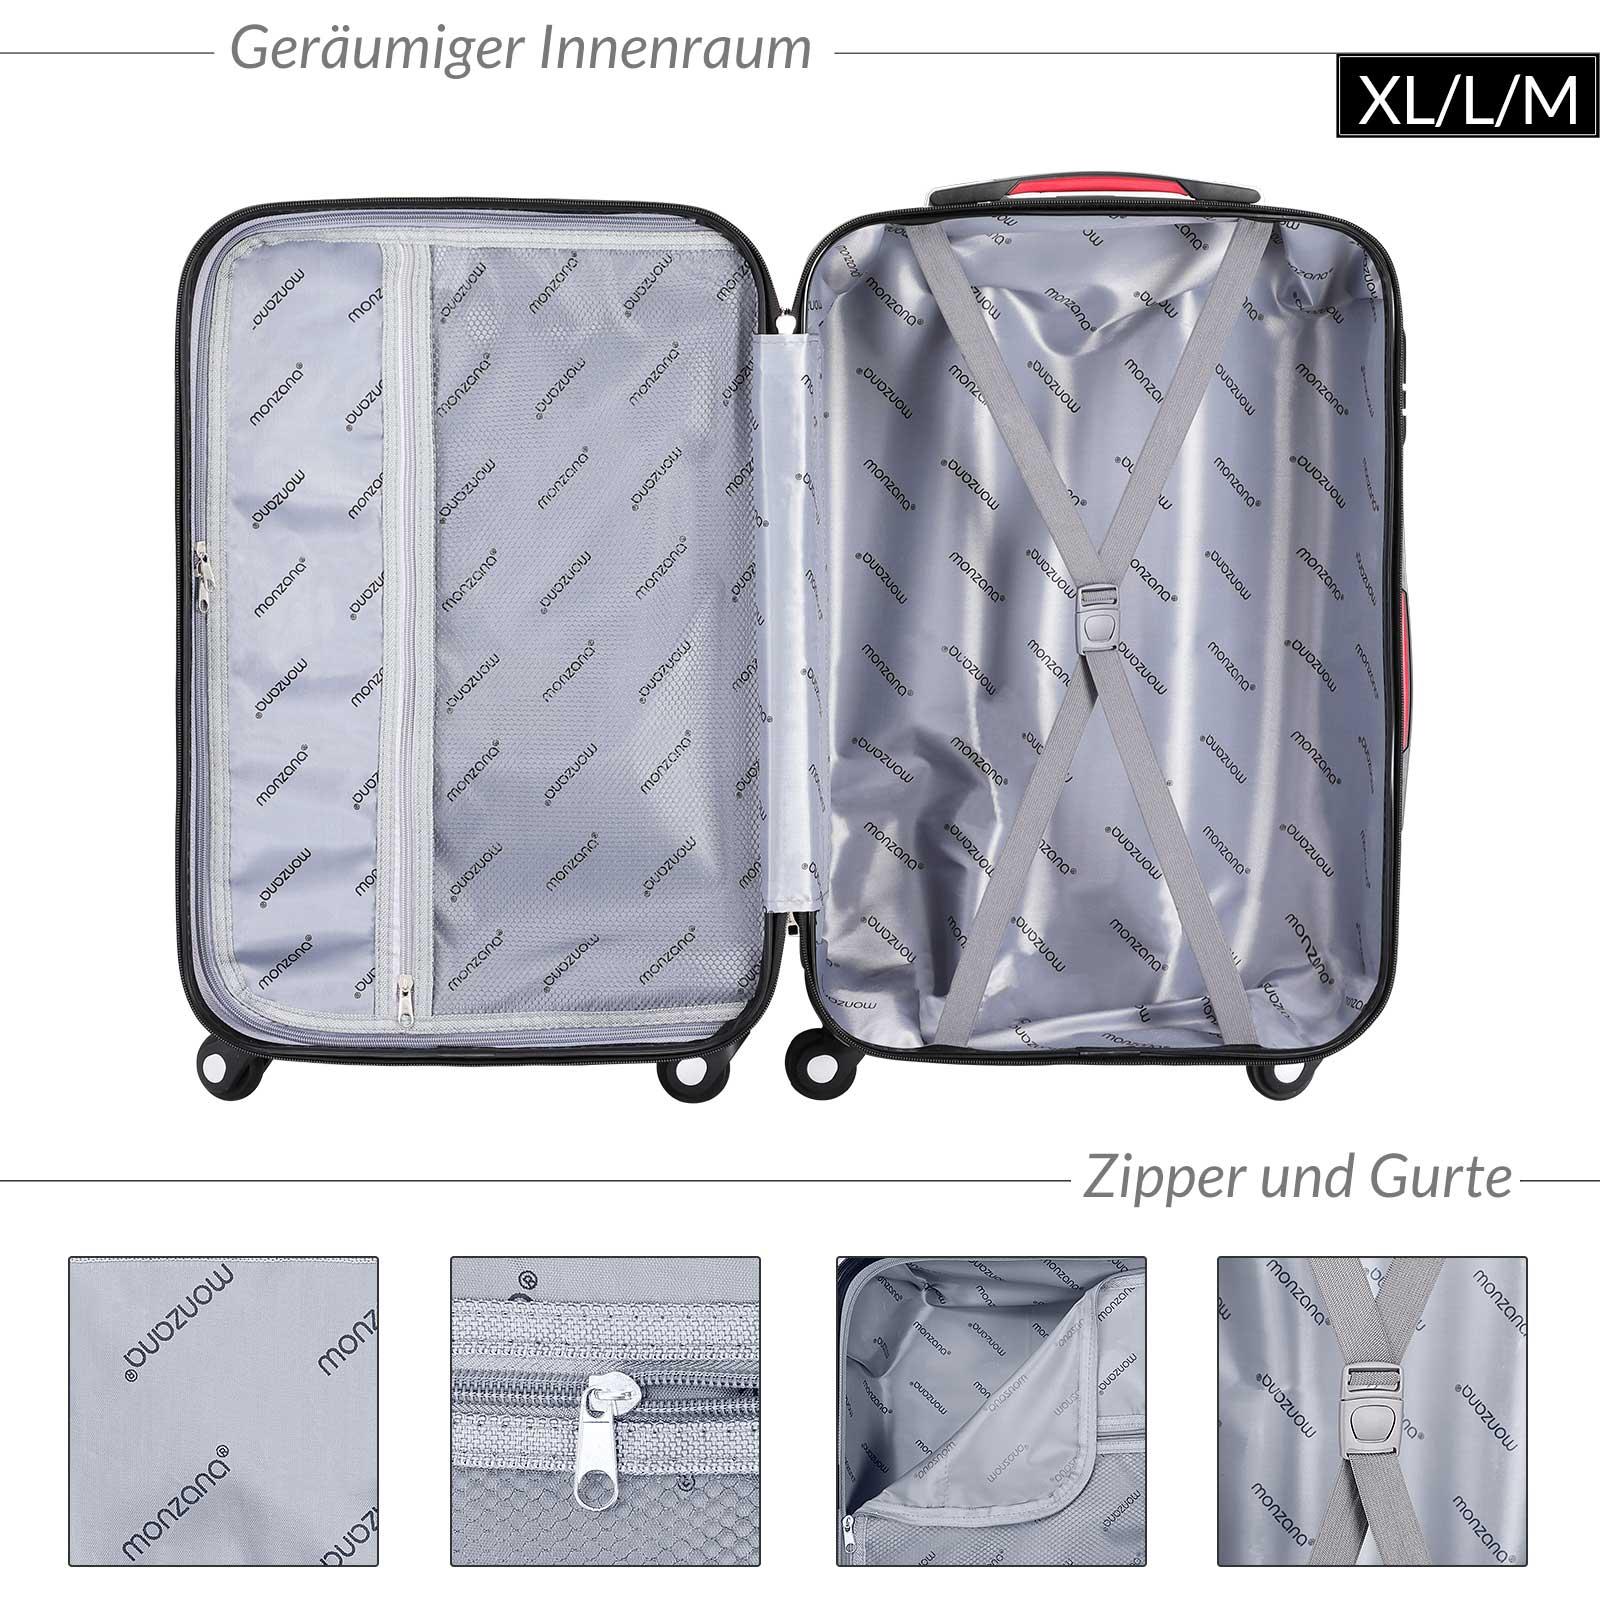 Xavion Valise Housse valise Housse de protection valise valise référence Protection Référence Nouveau neuf dans sa boîte